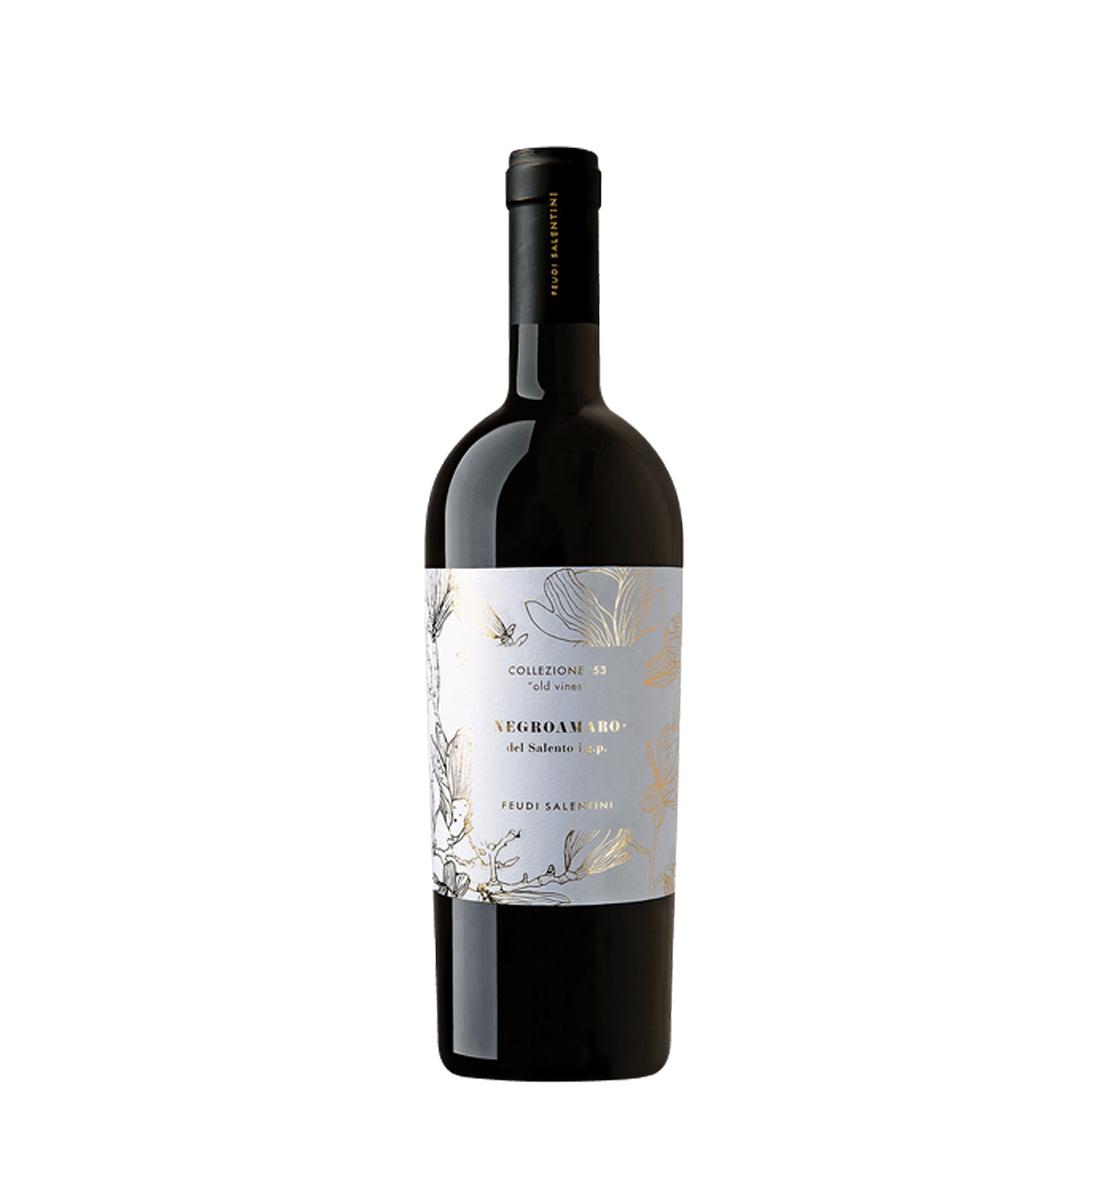 Feudi Salentini Collezione 53 Old Vines Negroamaro del Salento I.G.P. 0.75L